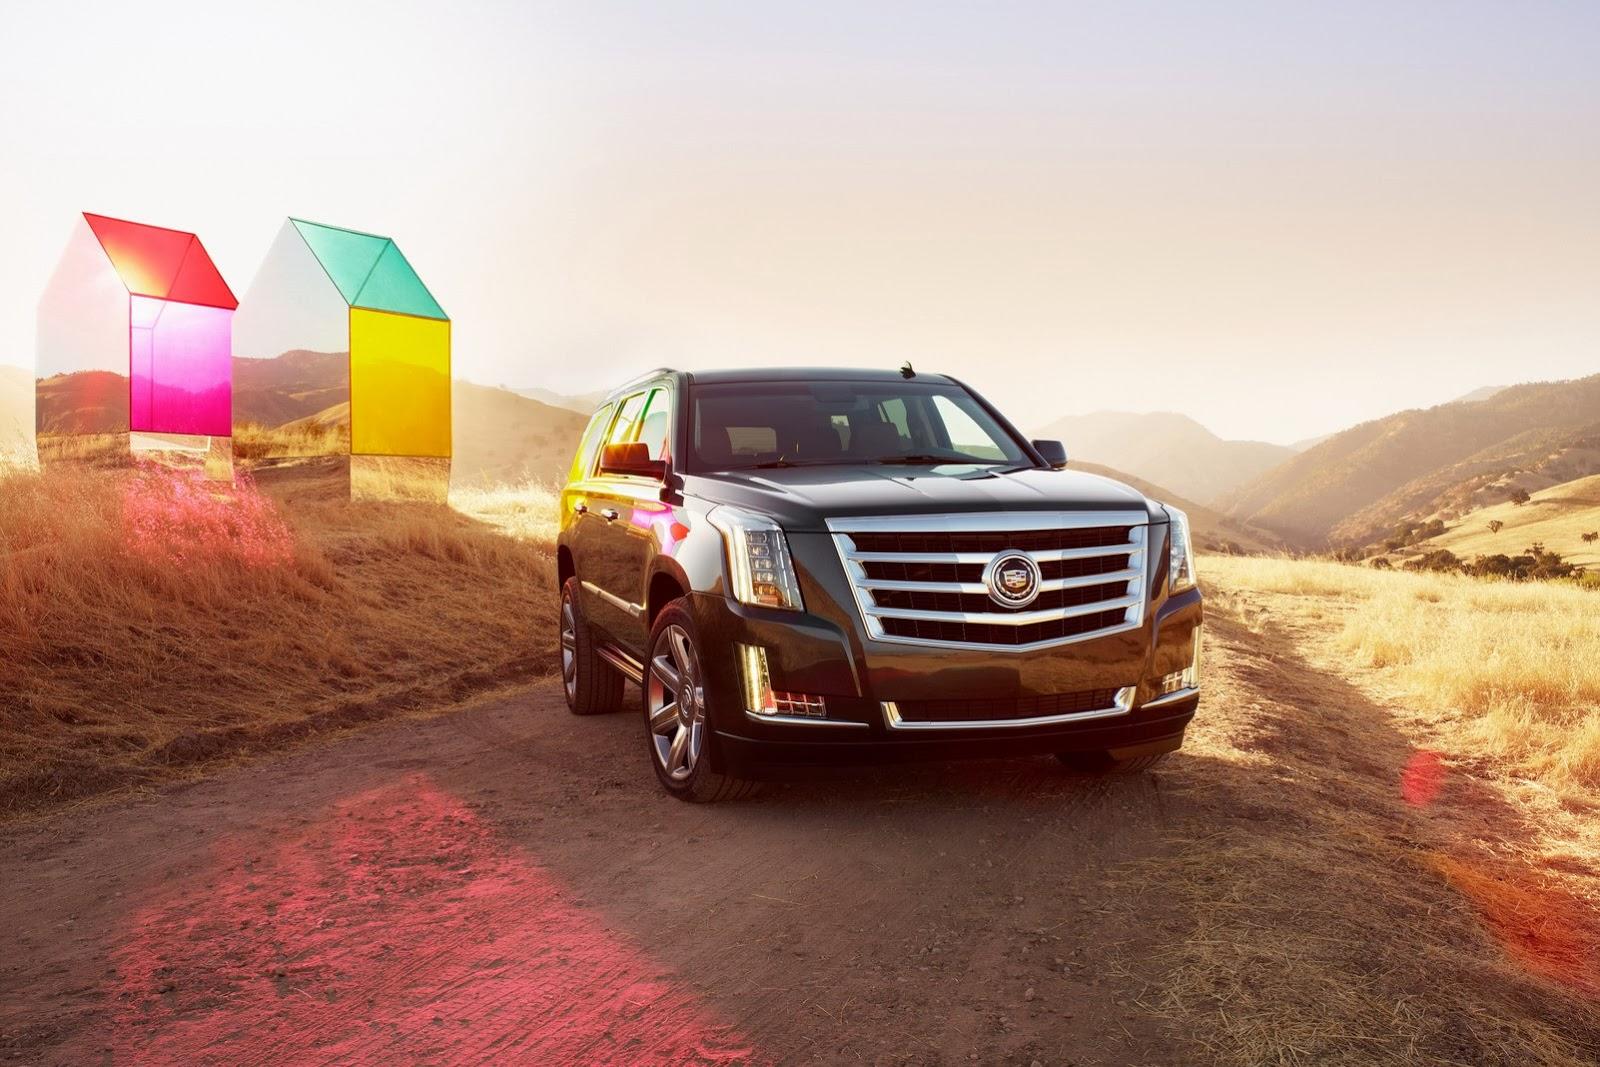 Cadillac Escalade 2015: đẹp nhưng chưa đổi mới